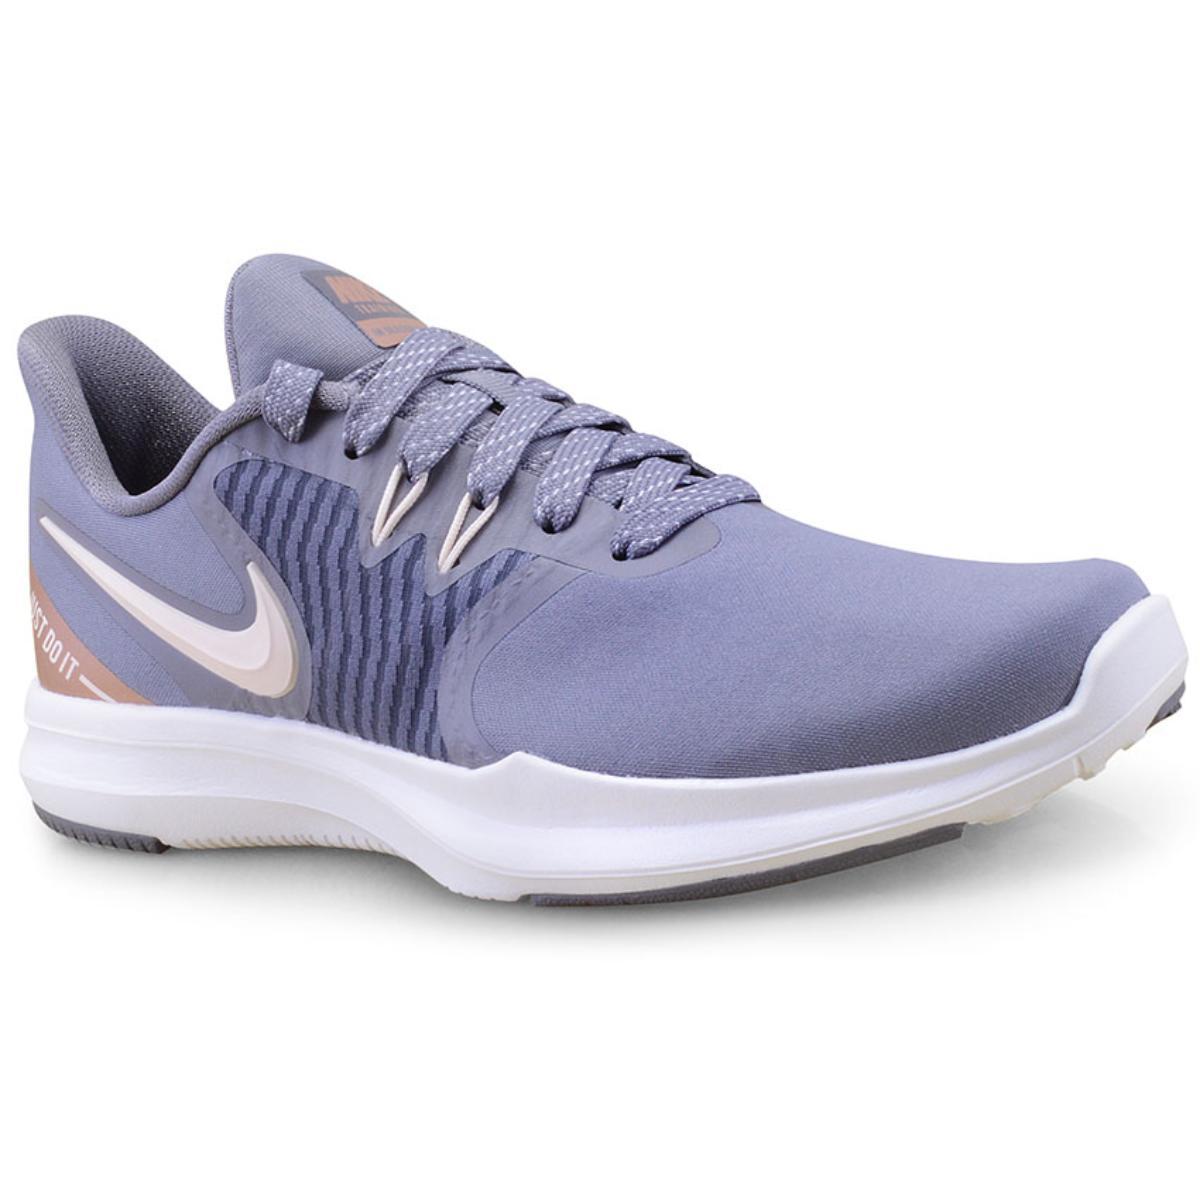 Tênis Feminino Nike Aa7774-002 in Season tr 8 Premium Cinza/bege